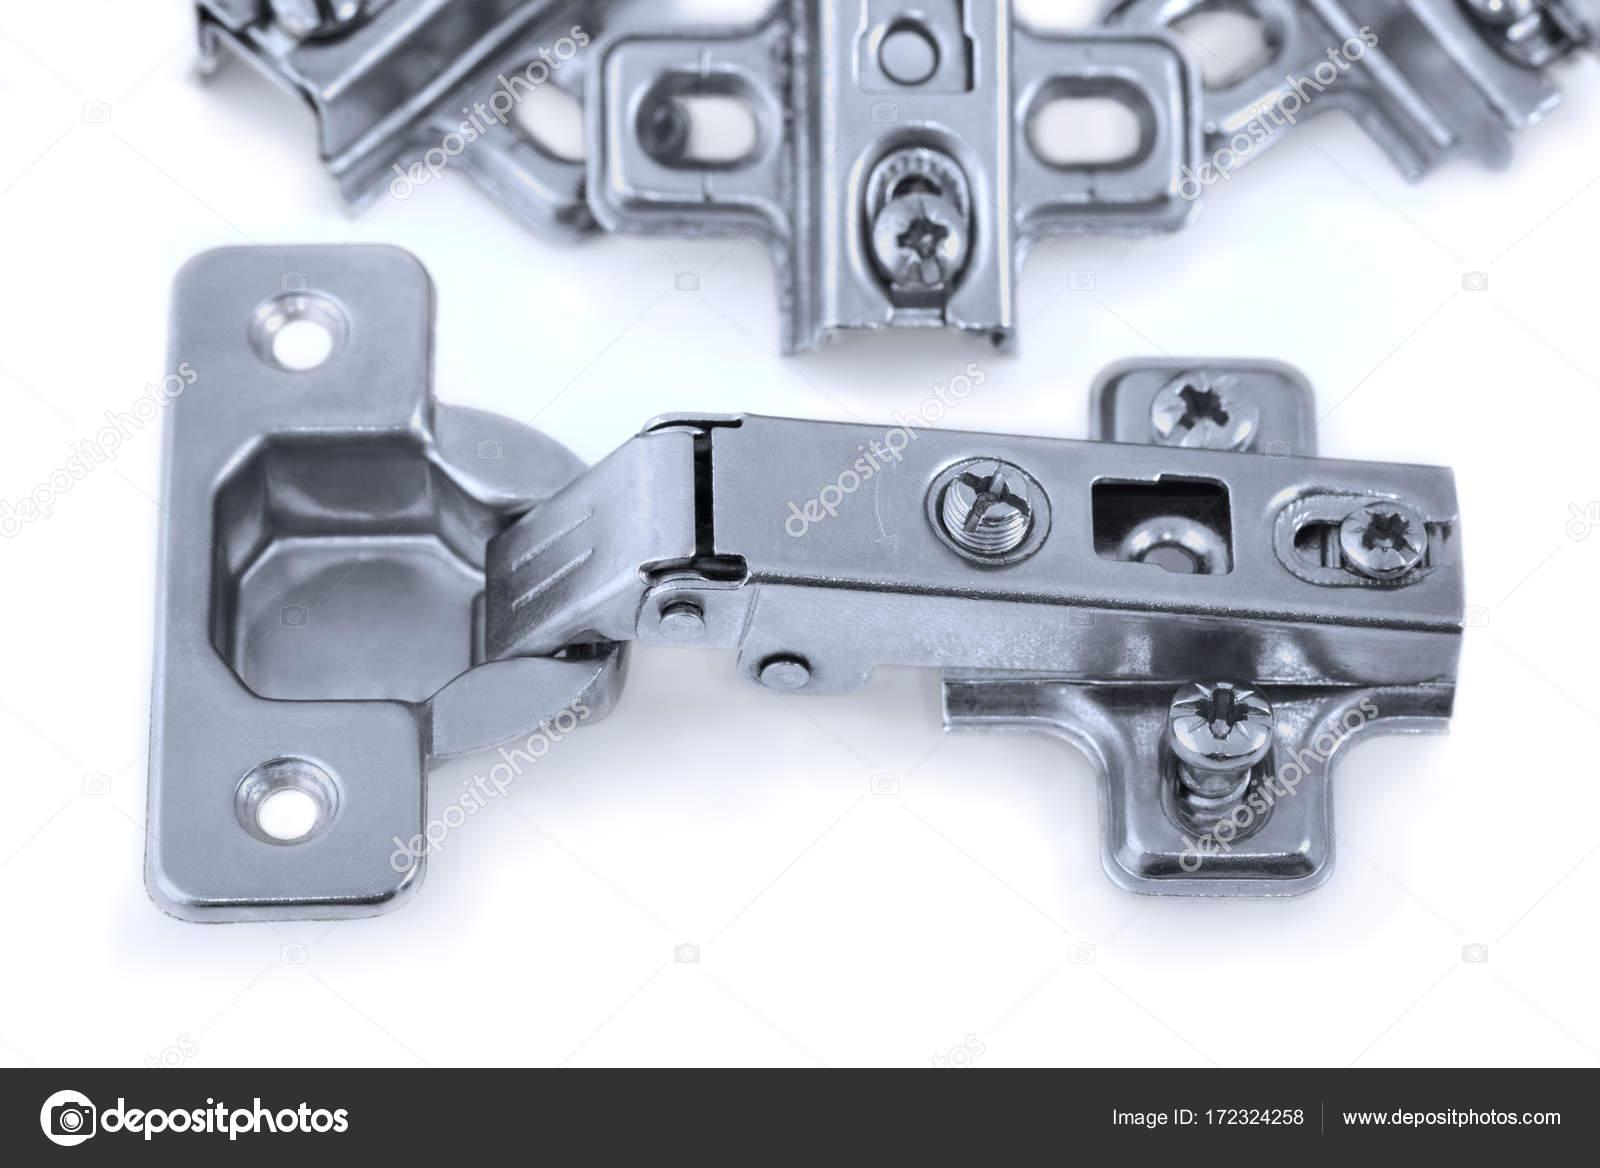 Möbel-Hardware-Scharnier, Scharniere Küchenschrank — Stockfoto ...